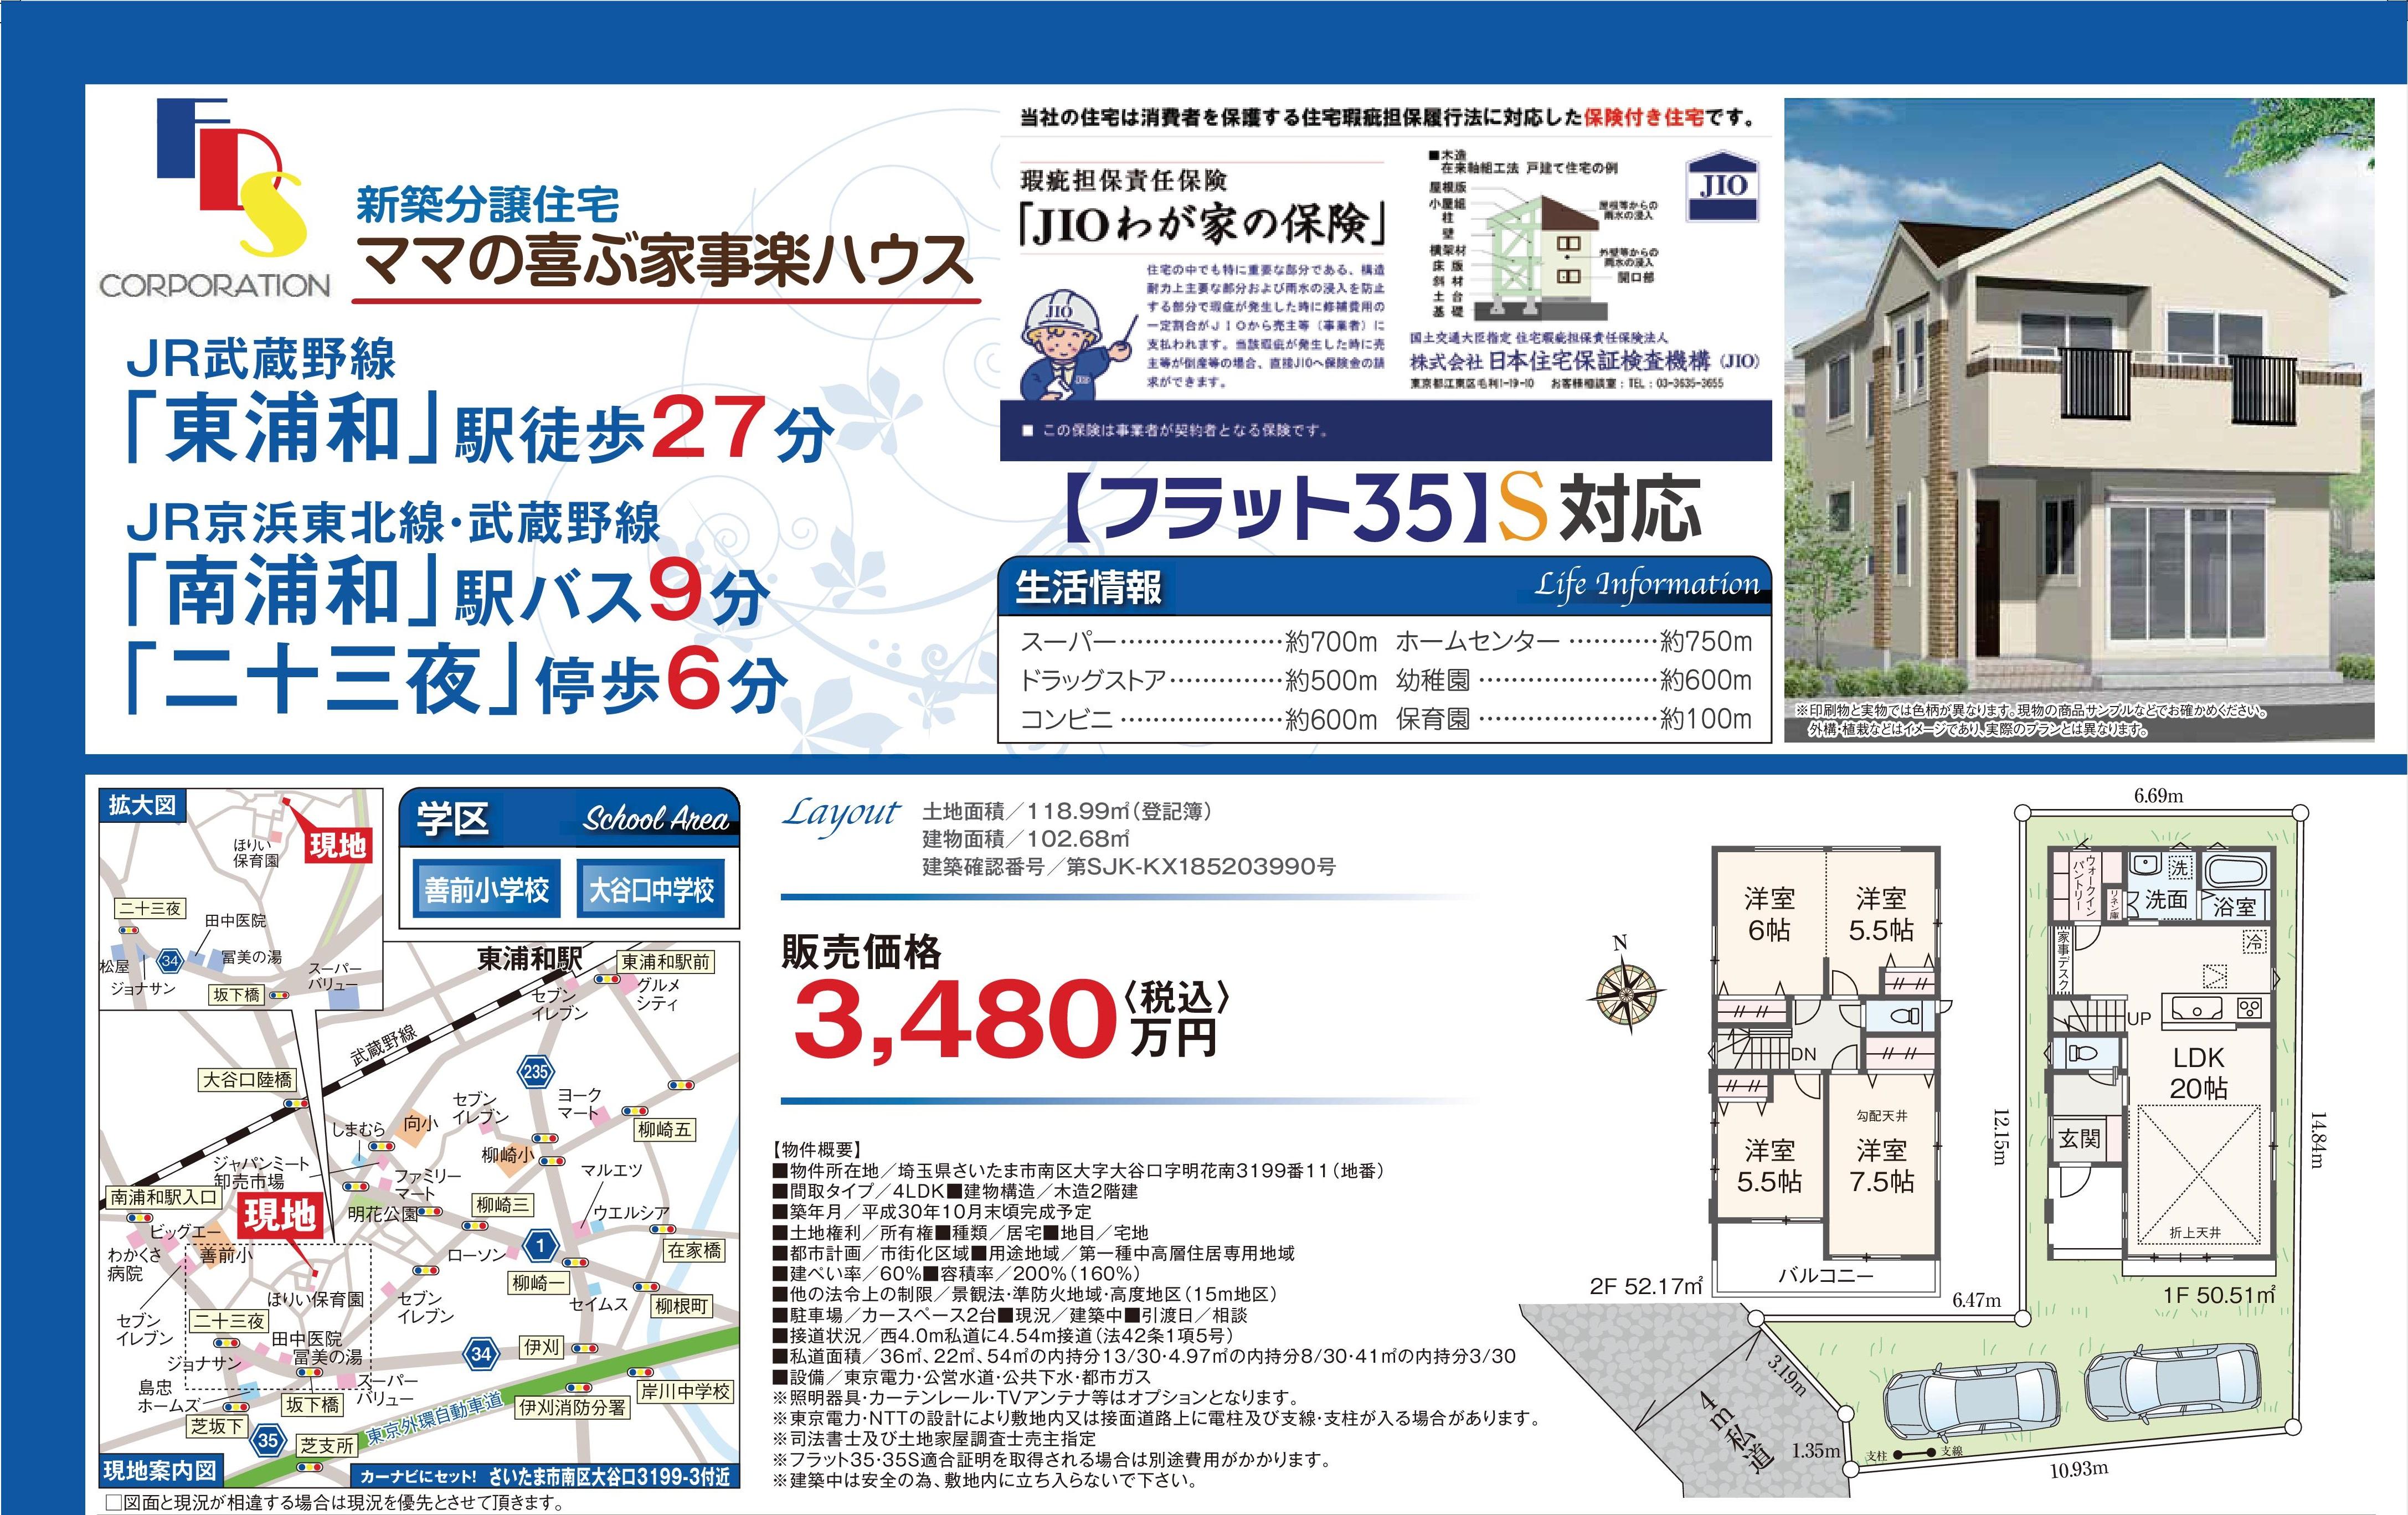 大谷口 B区画販売図面 オビナシ.jpg